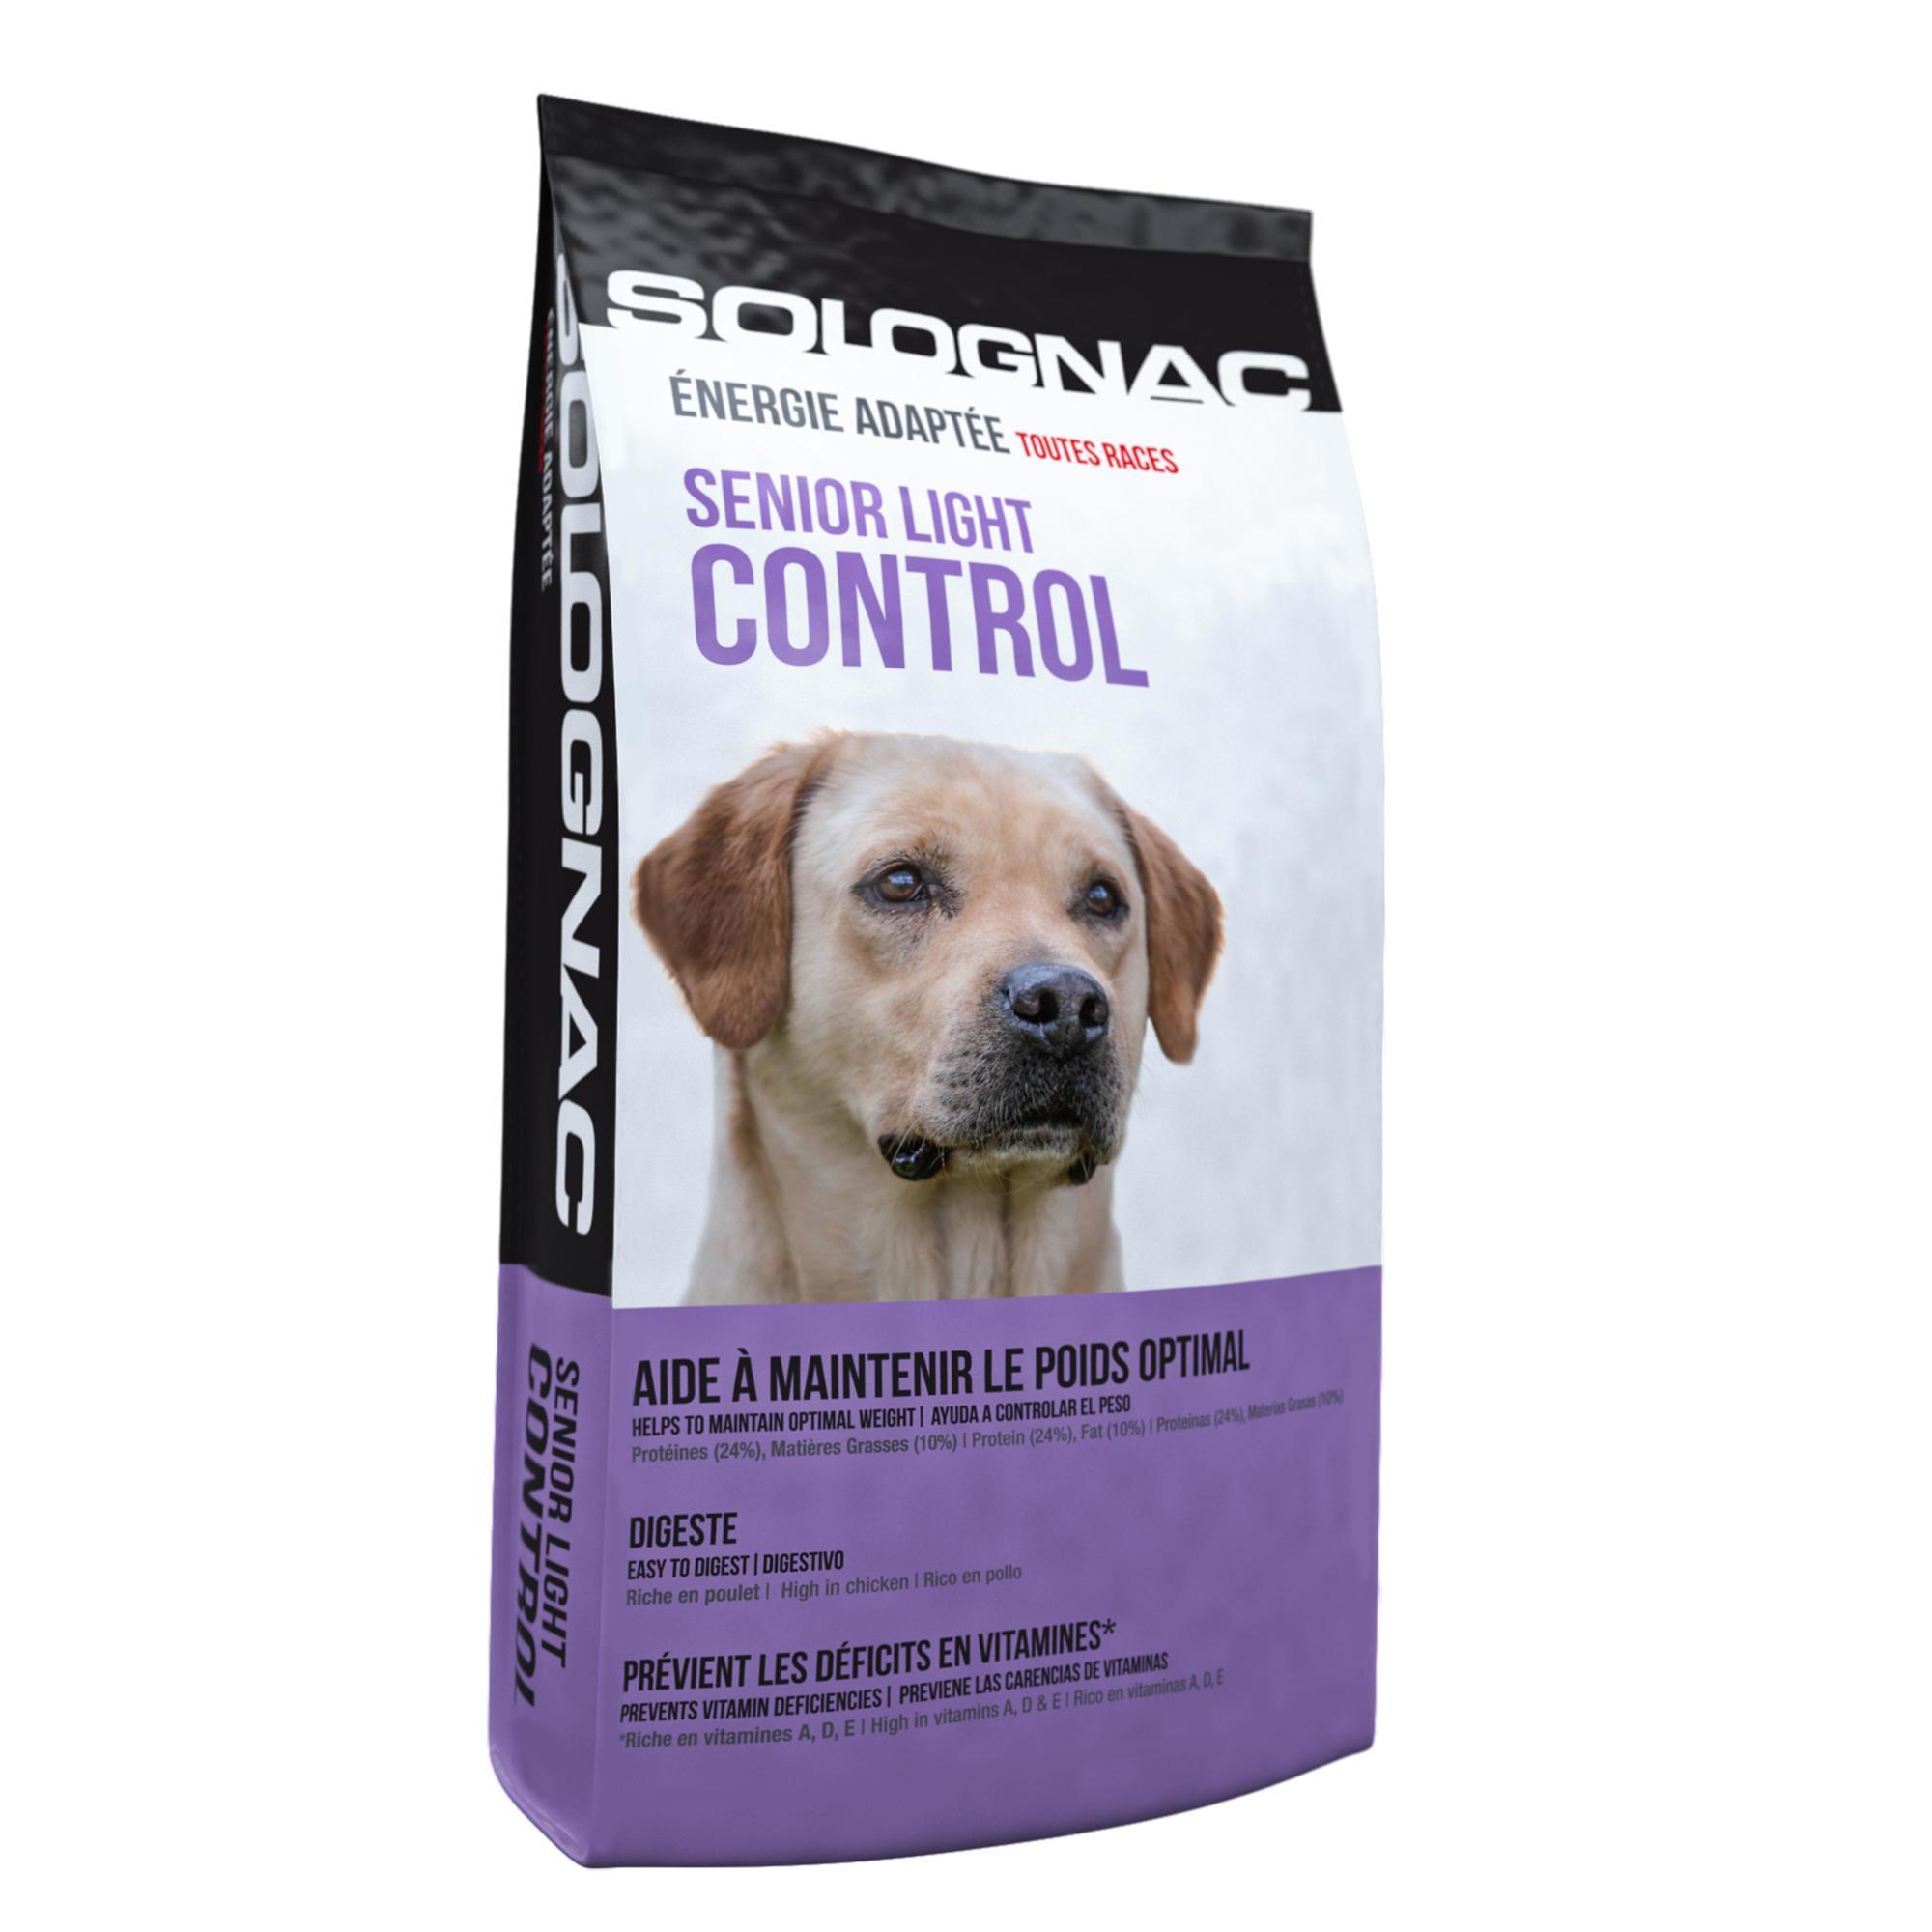 Comprar Pienso para Perros online  e90e5d505fce6